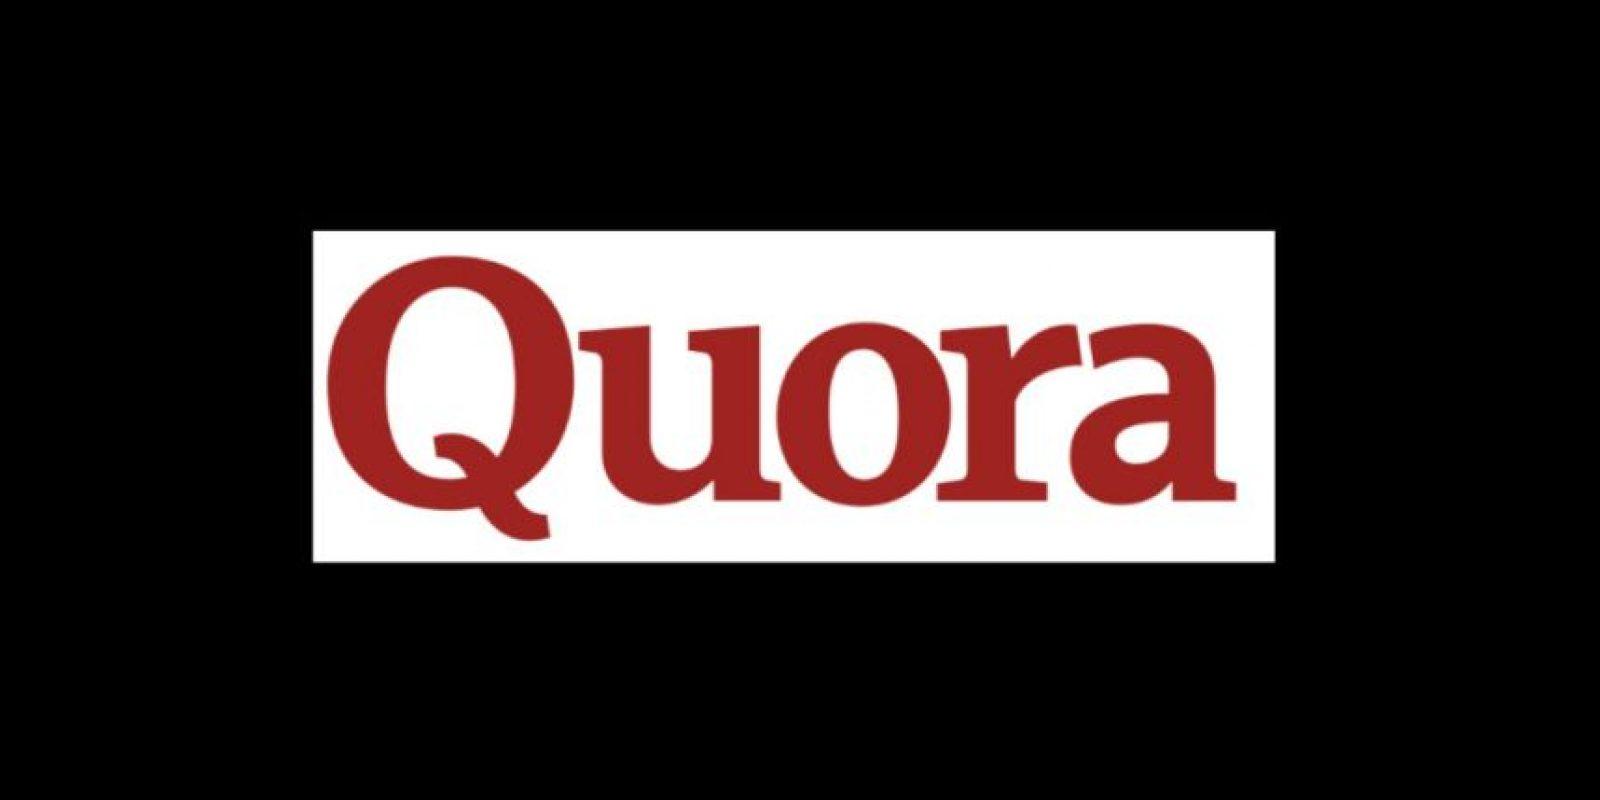 Diseño original de Quora, servicio en línea que añade preguntas y respuestas de diferentes temas y permite a los usuarios colaborar en ellas Foto:Quora